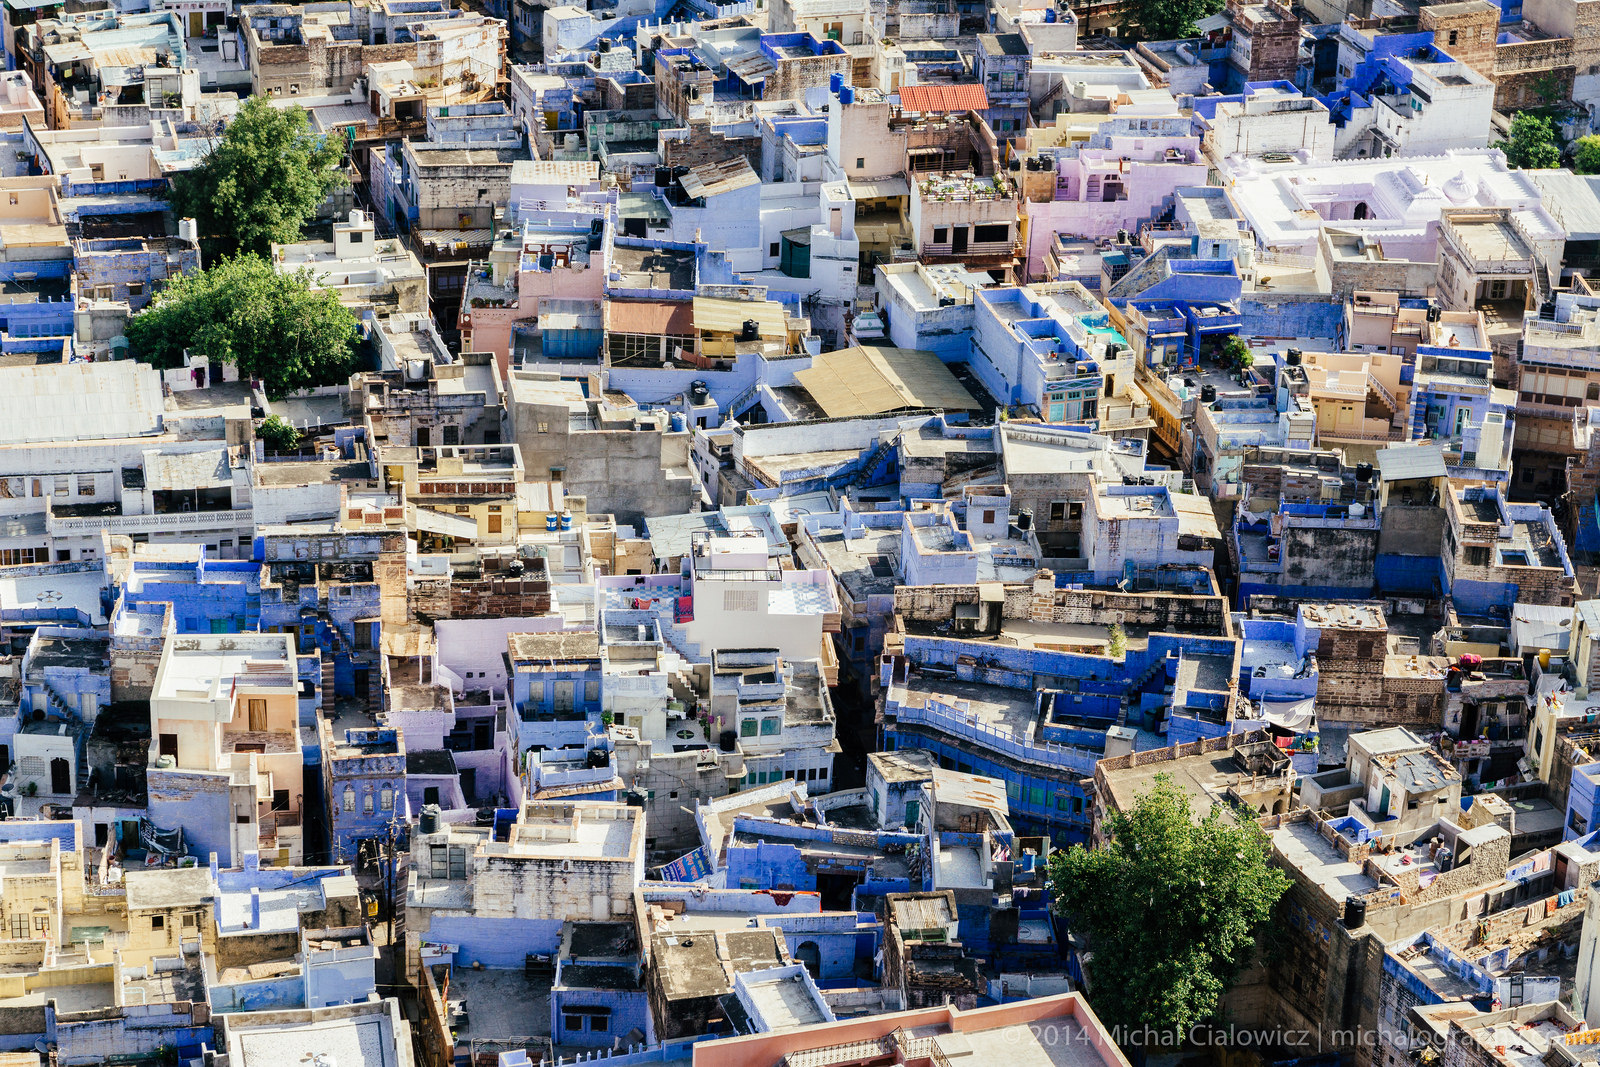 Blue City, Jodhpur, India (Sony A6000 + 16-70mm f/4 OSS)